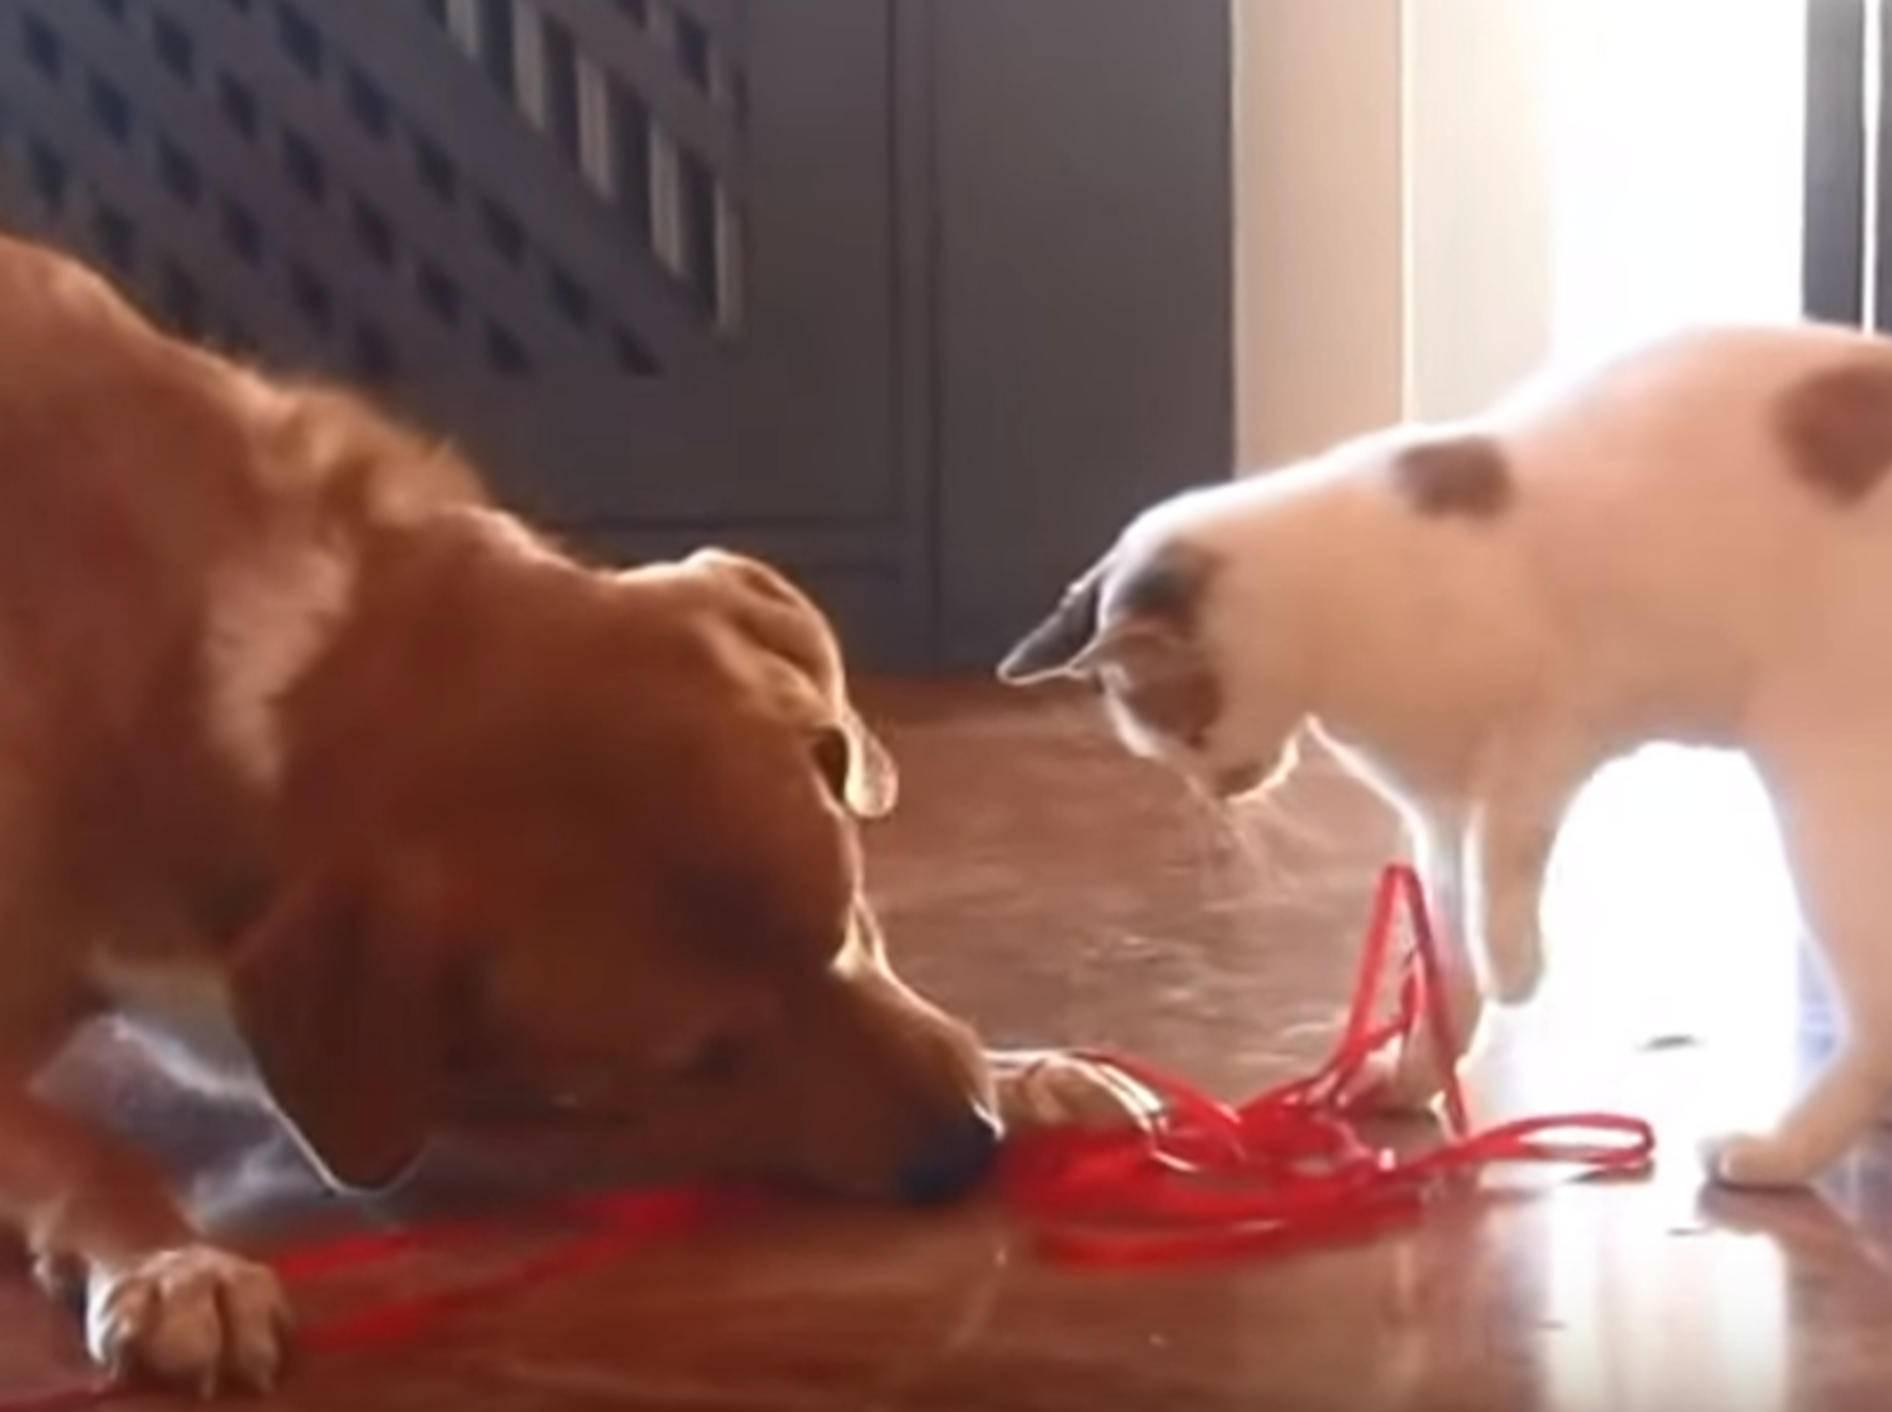 Hund und Findelkatze spielen und toben gemeinsam – Bild: YouTube / OrphanPet Gr